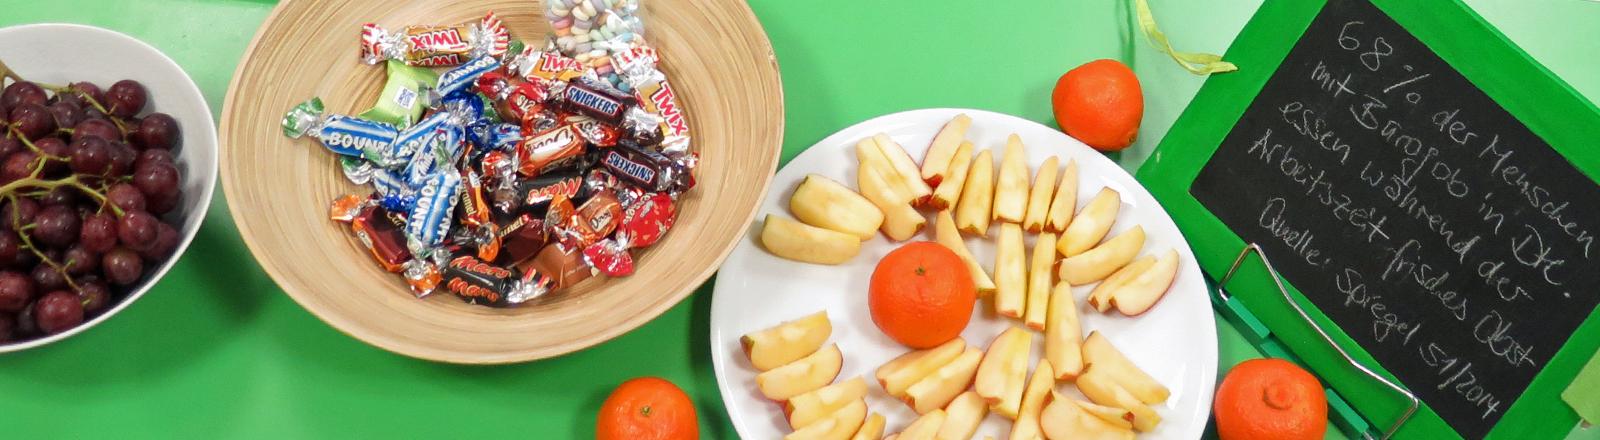 In der DRadio-Wissen-Redaktion stehen allerlei Leckereien parat, Süßigkeiten und Obst.